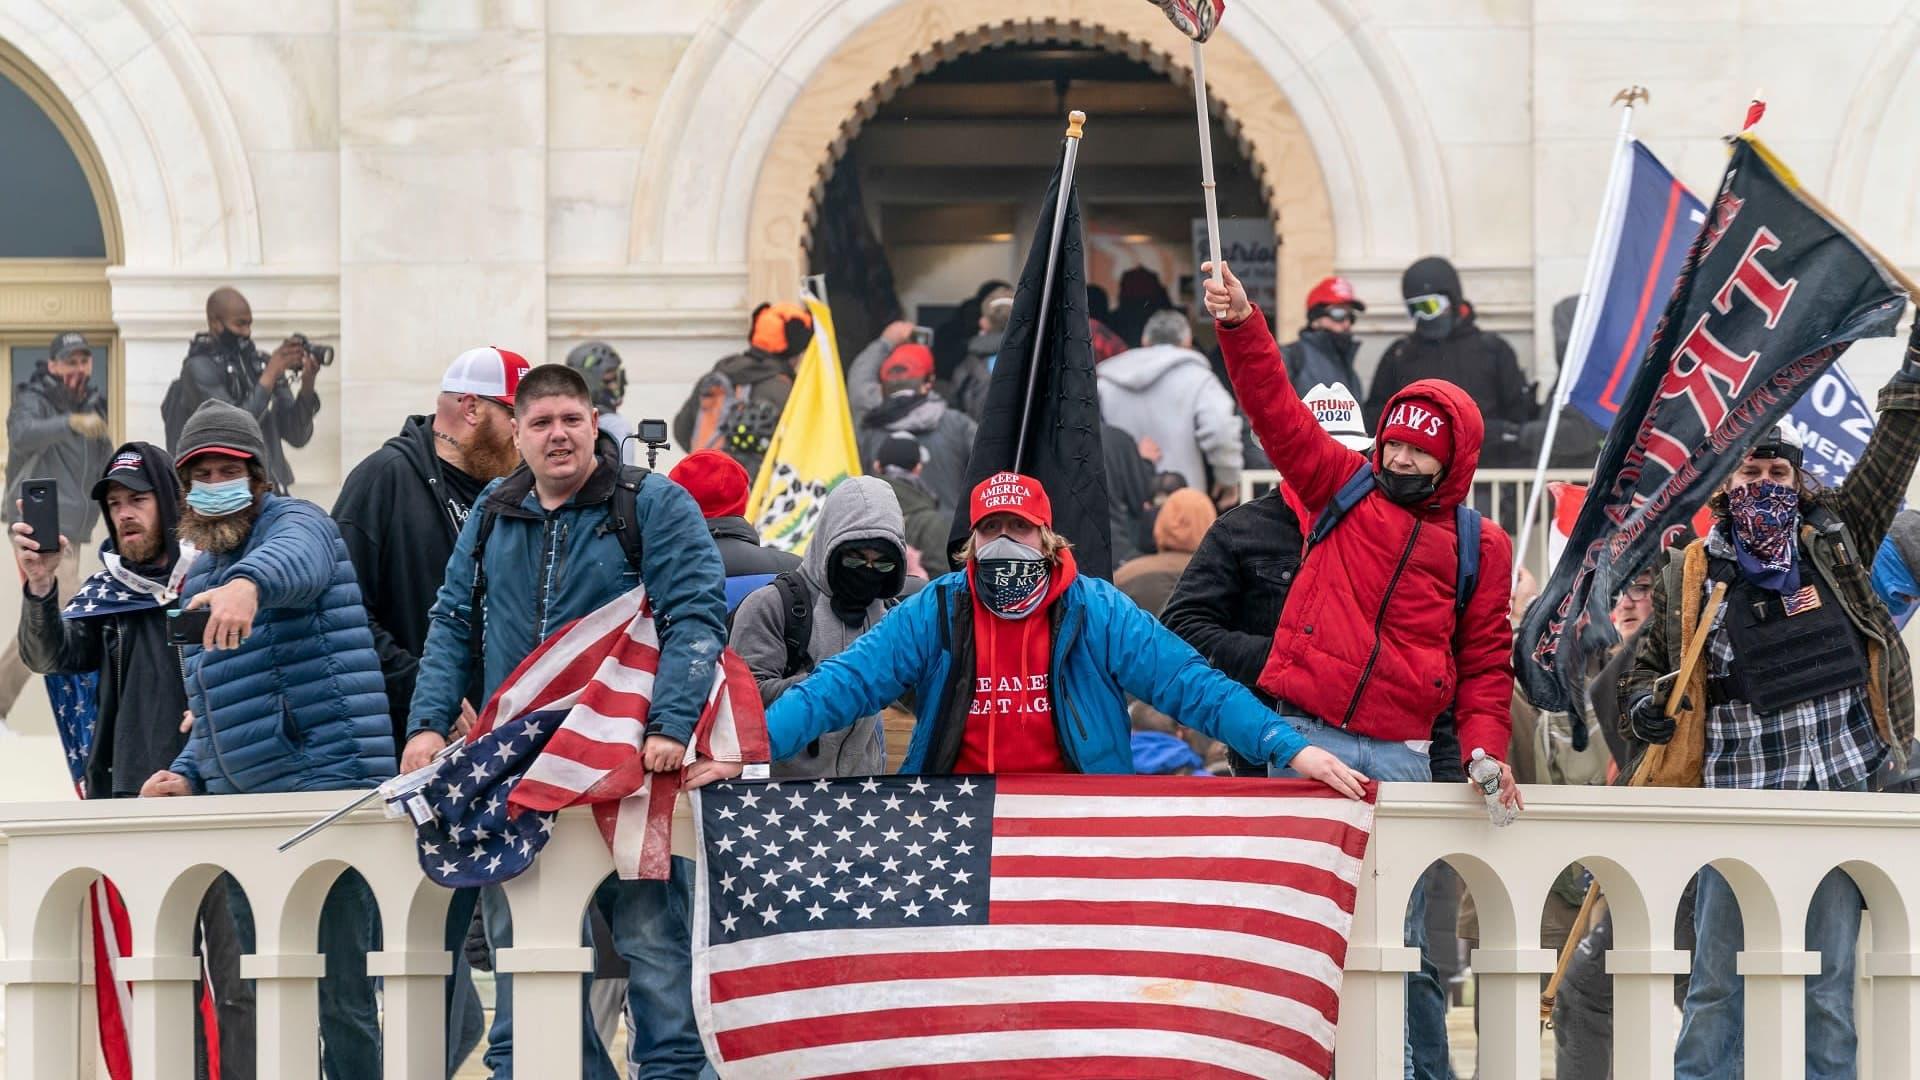 Väkijoukko kongressin parvekkeella